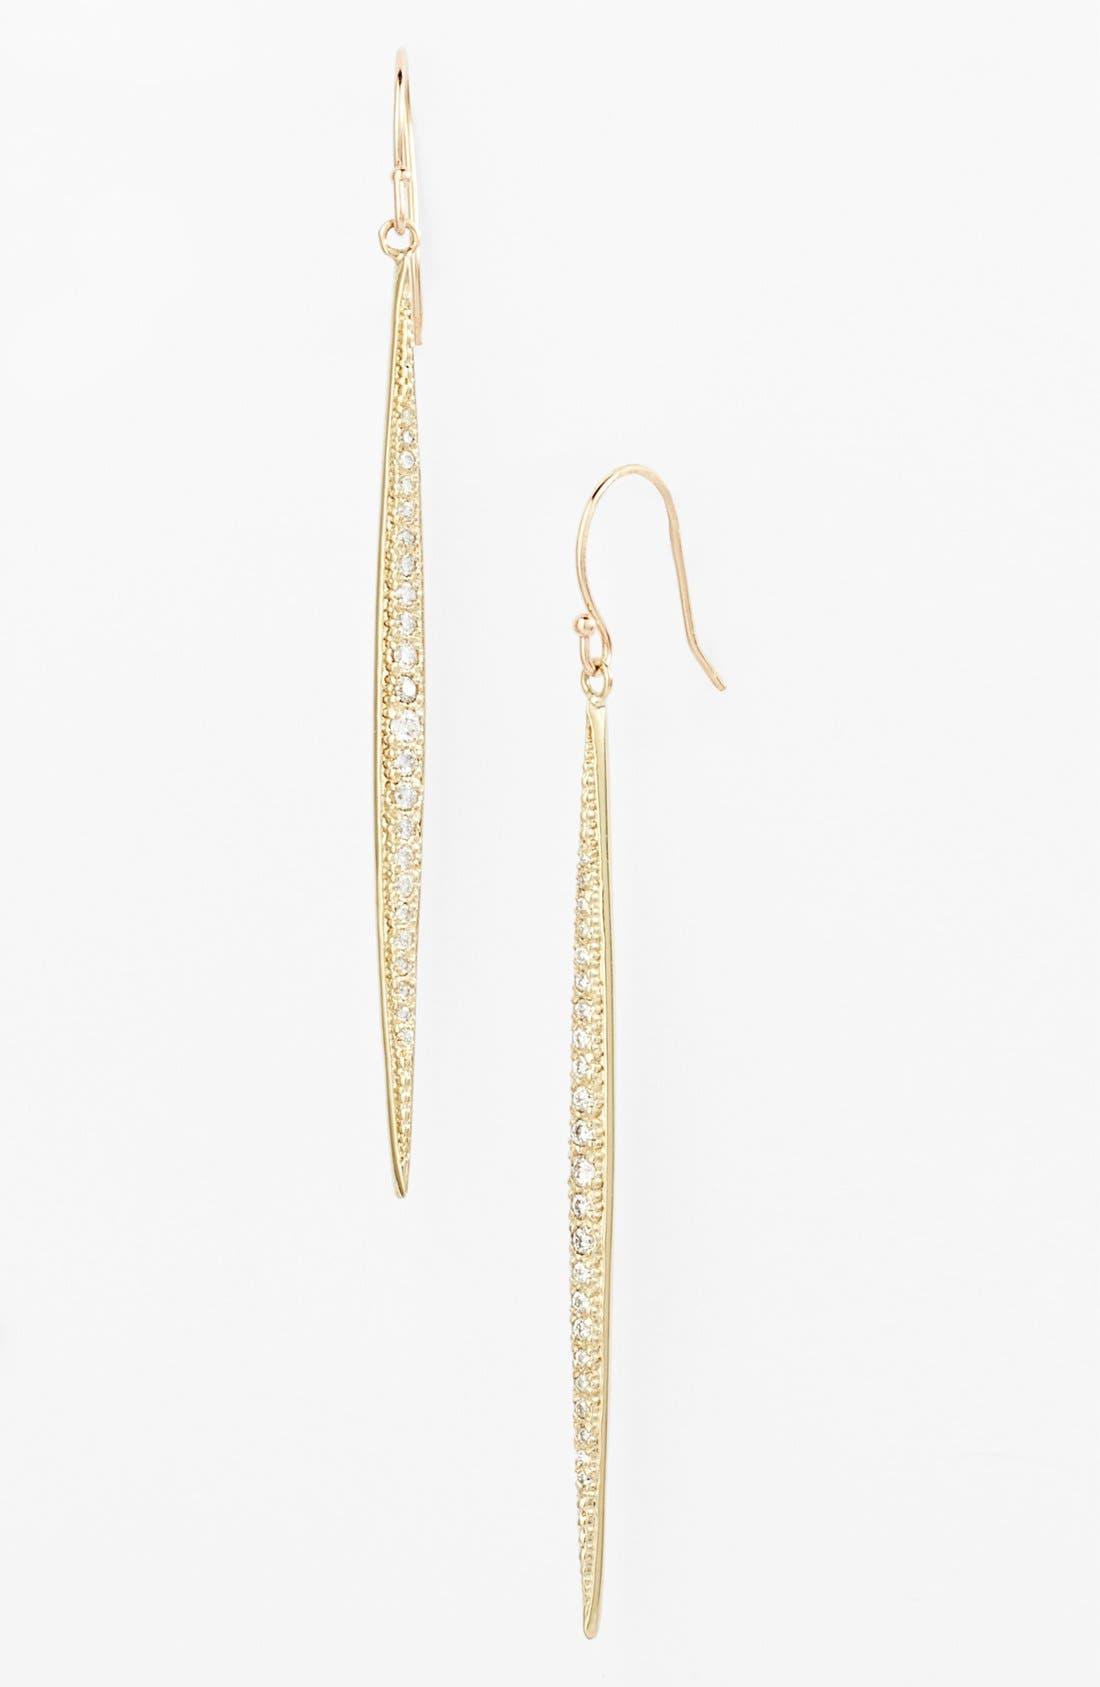 Main Image - Mizuki 'Icicles' Pavé Diamond Linear Earrings